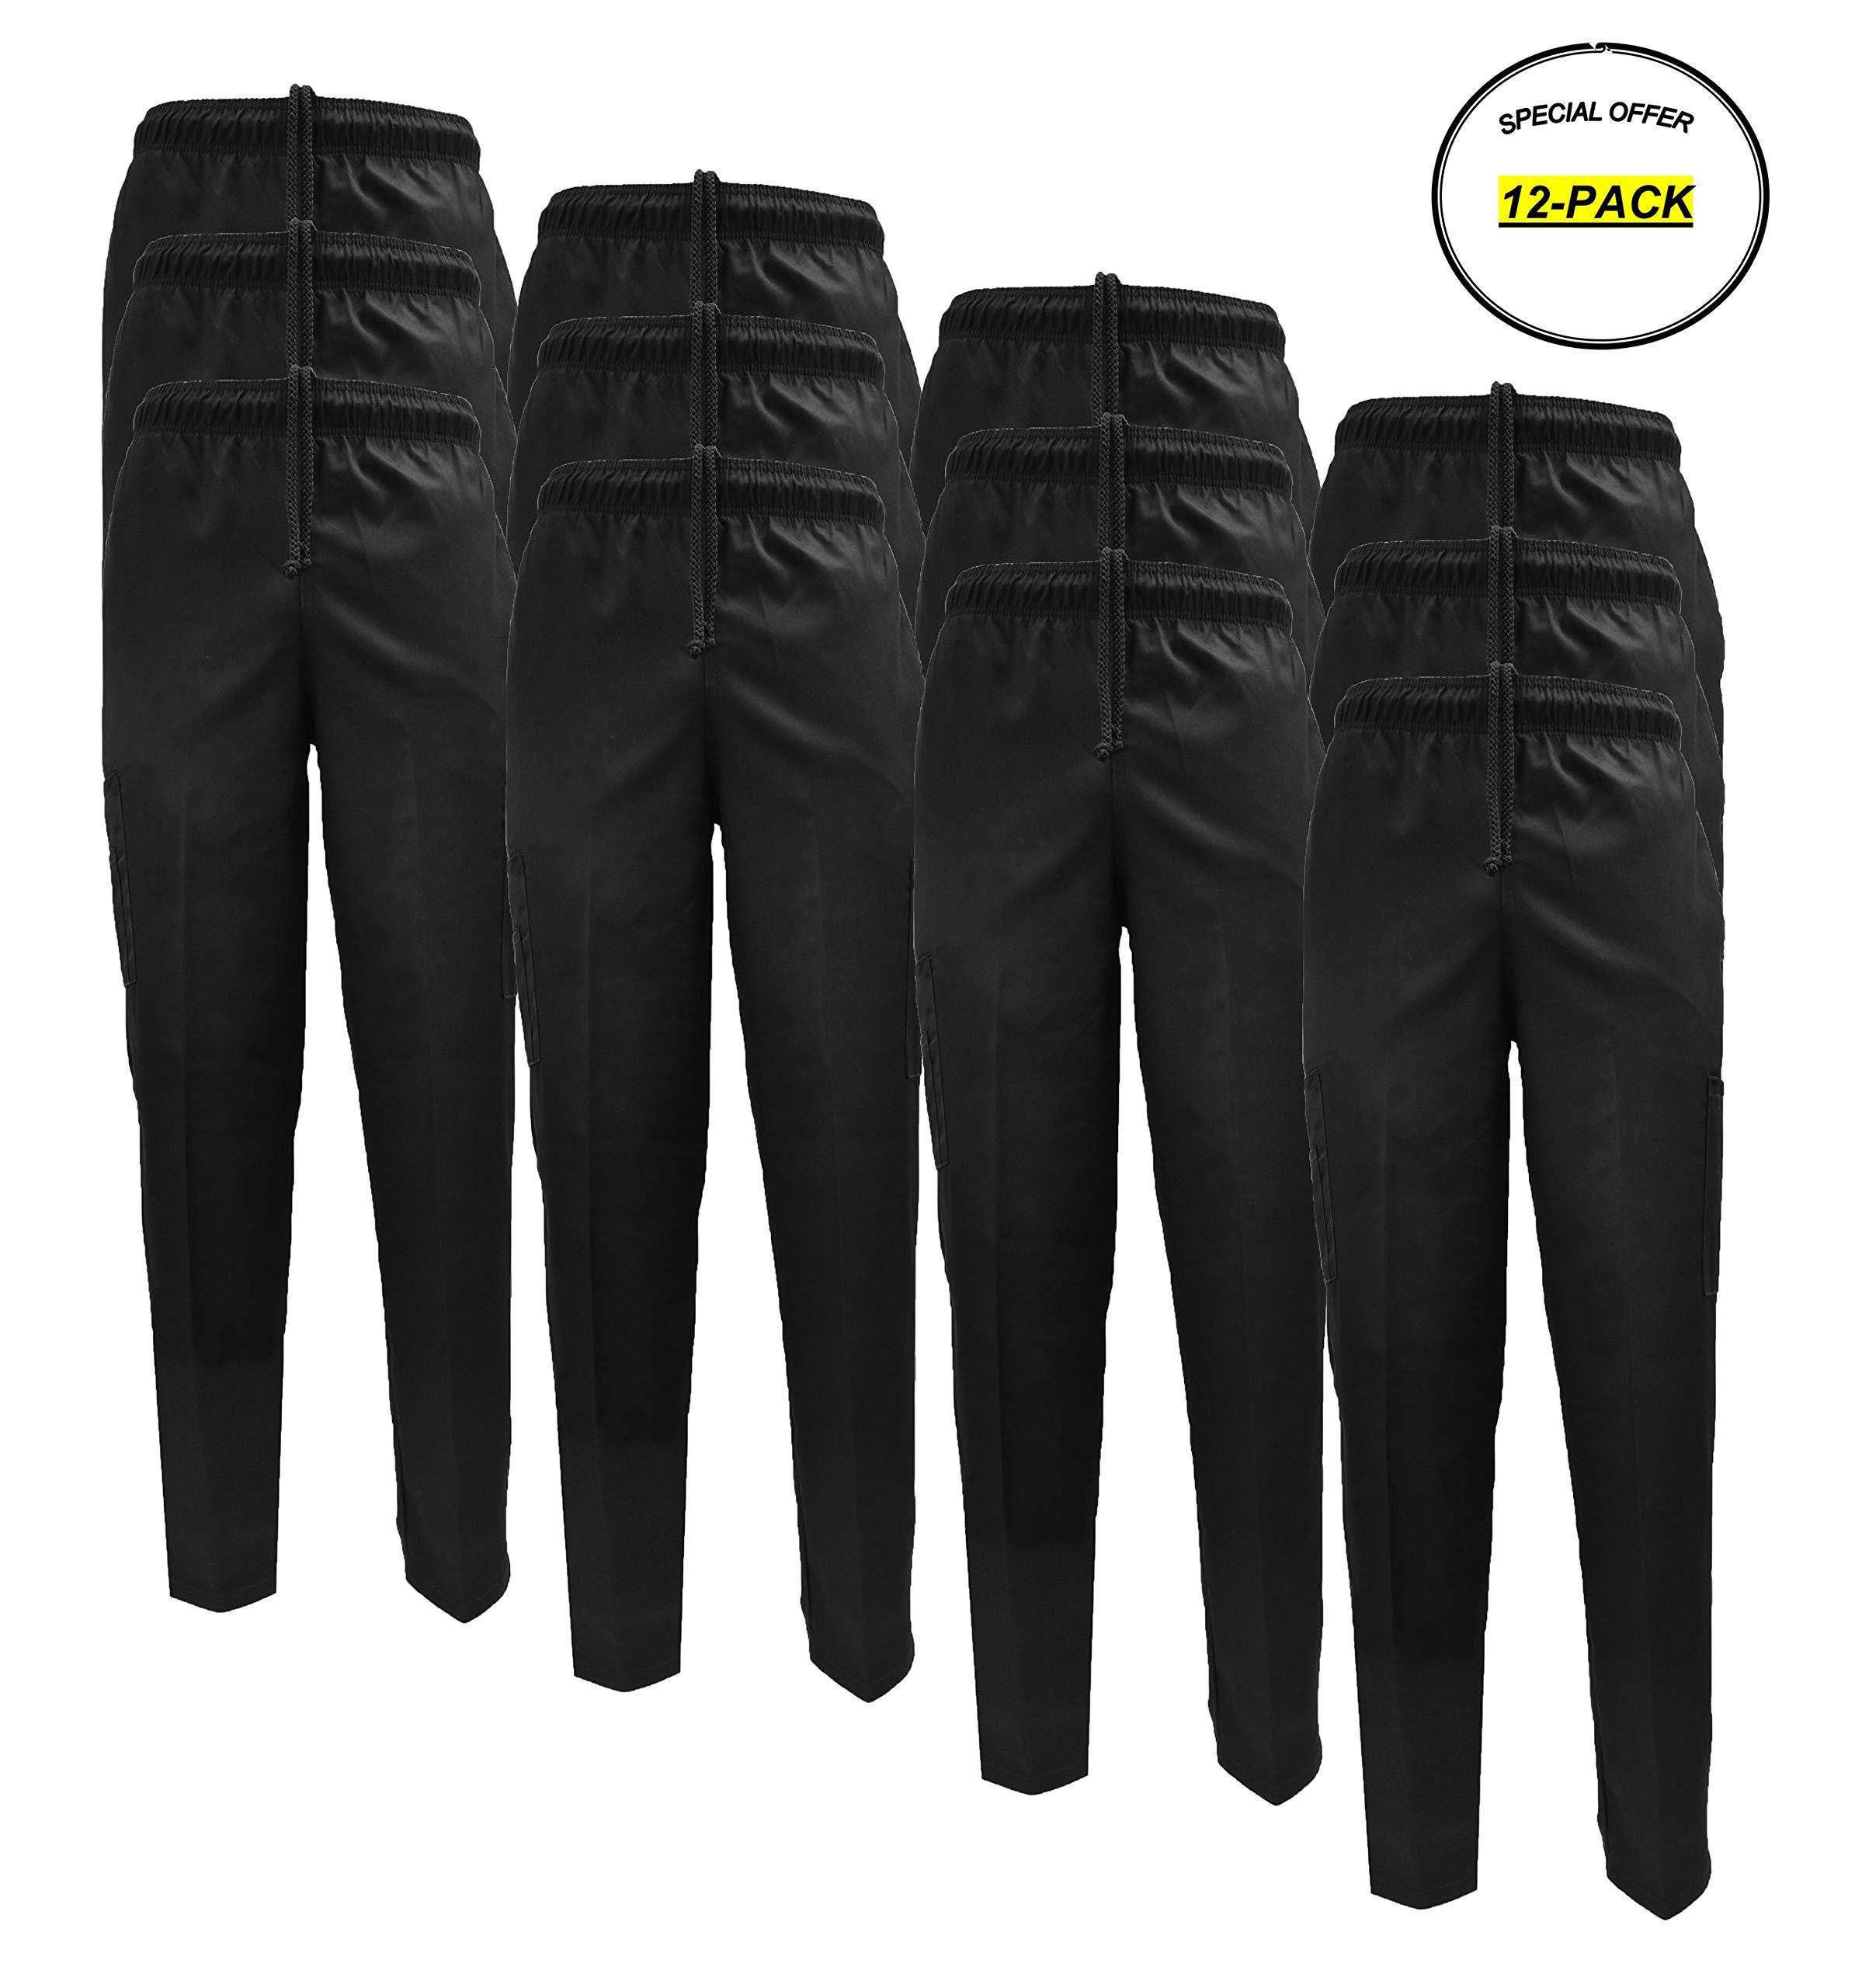 Classic Chef Pants (XXXXX-Large, 12 Pack Black)